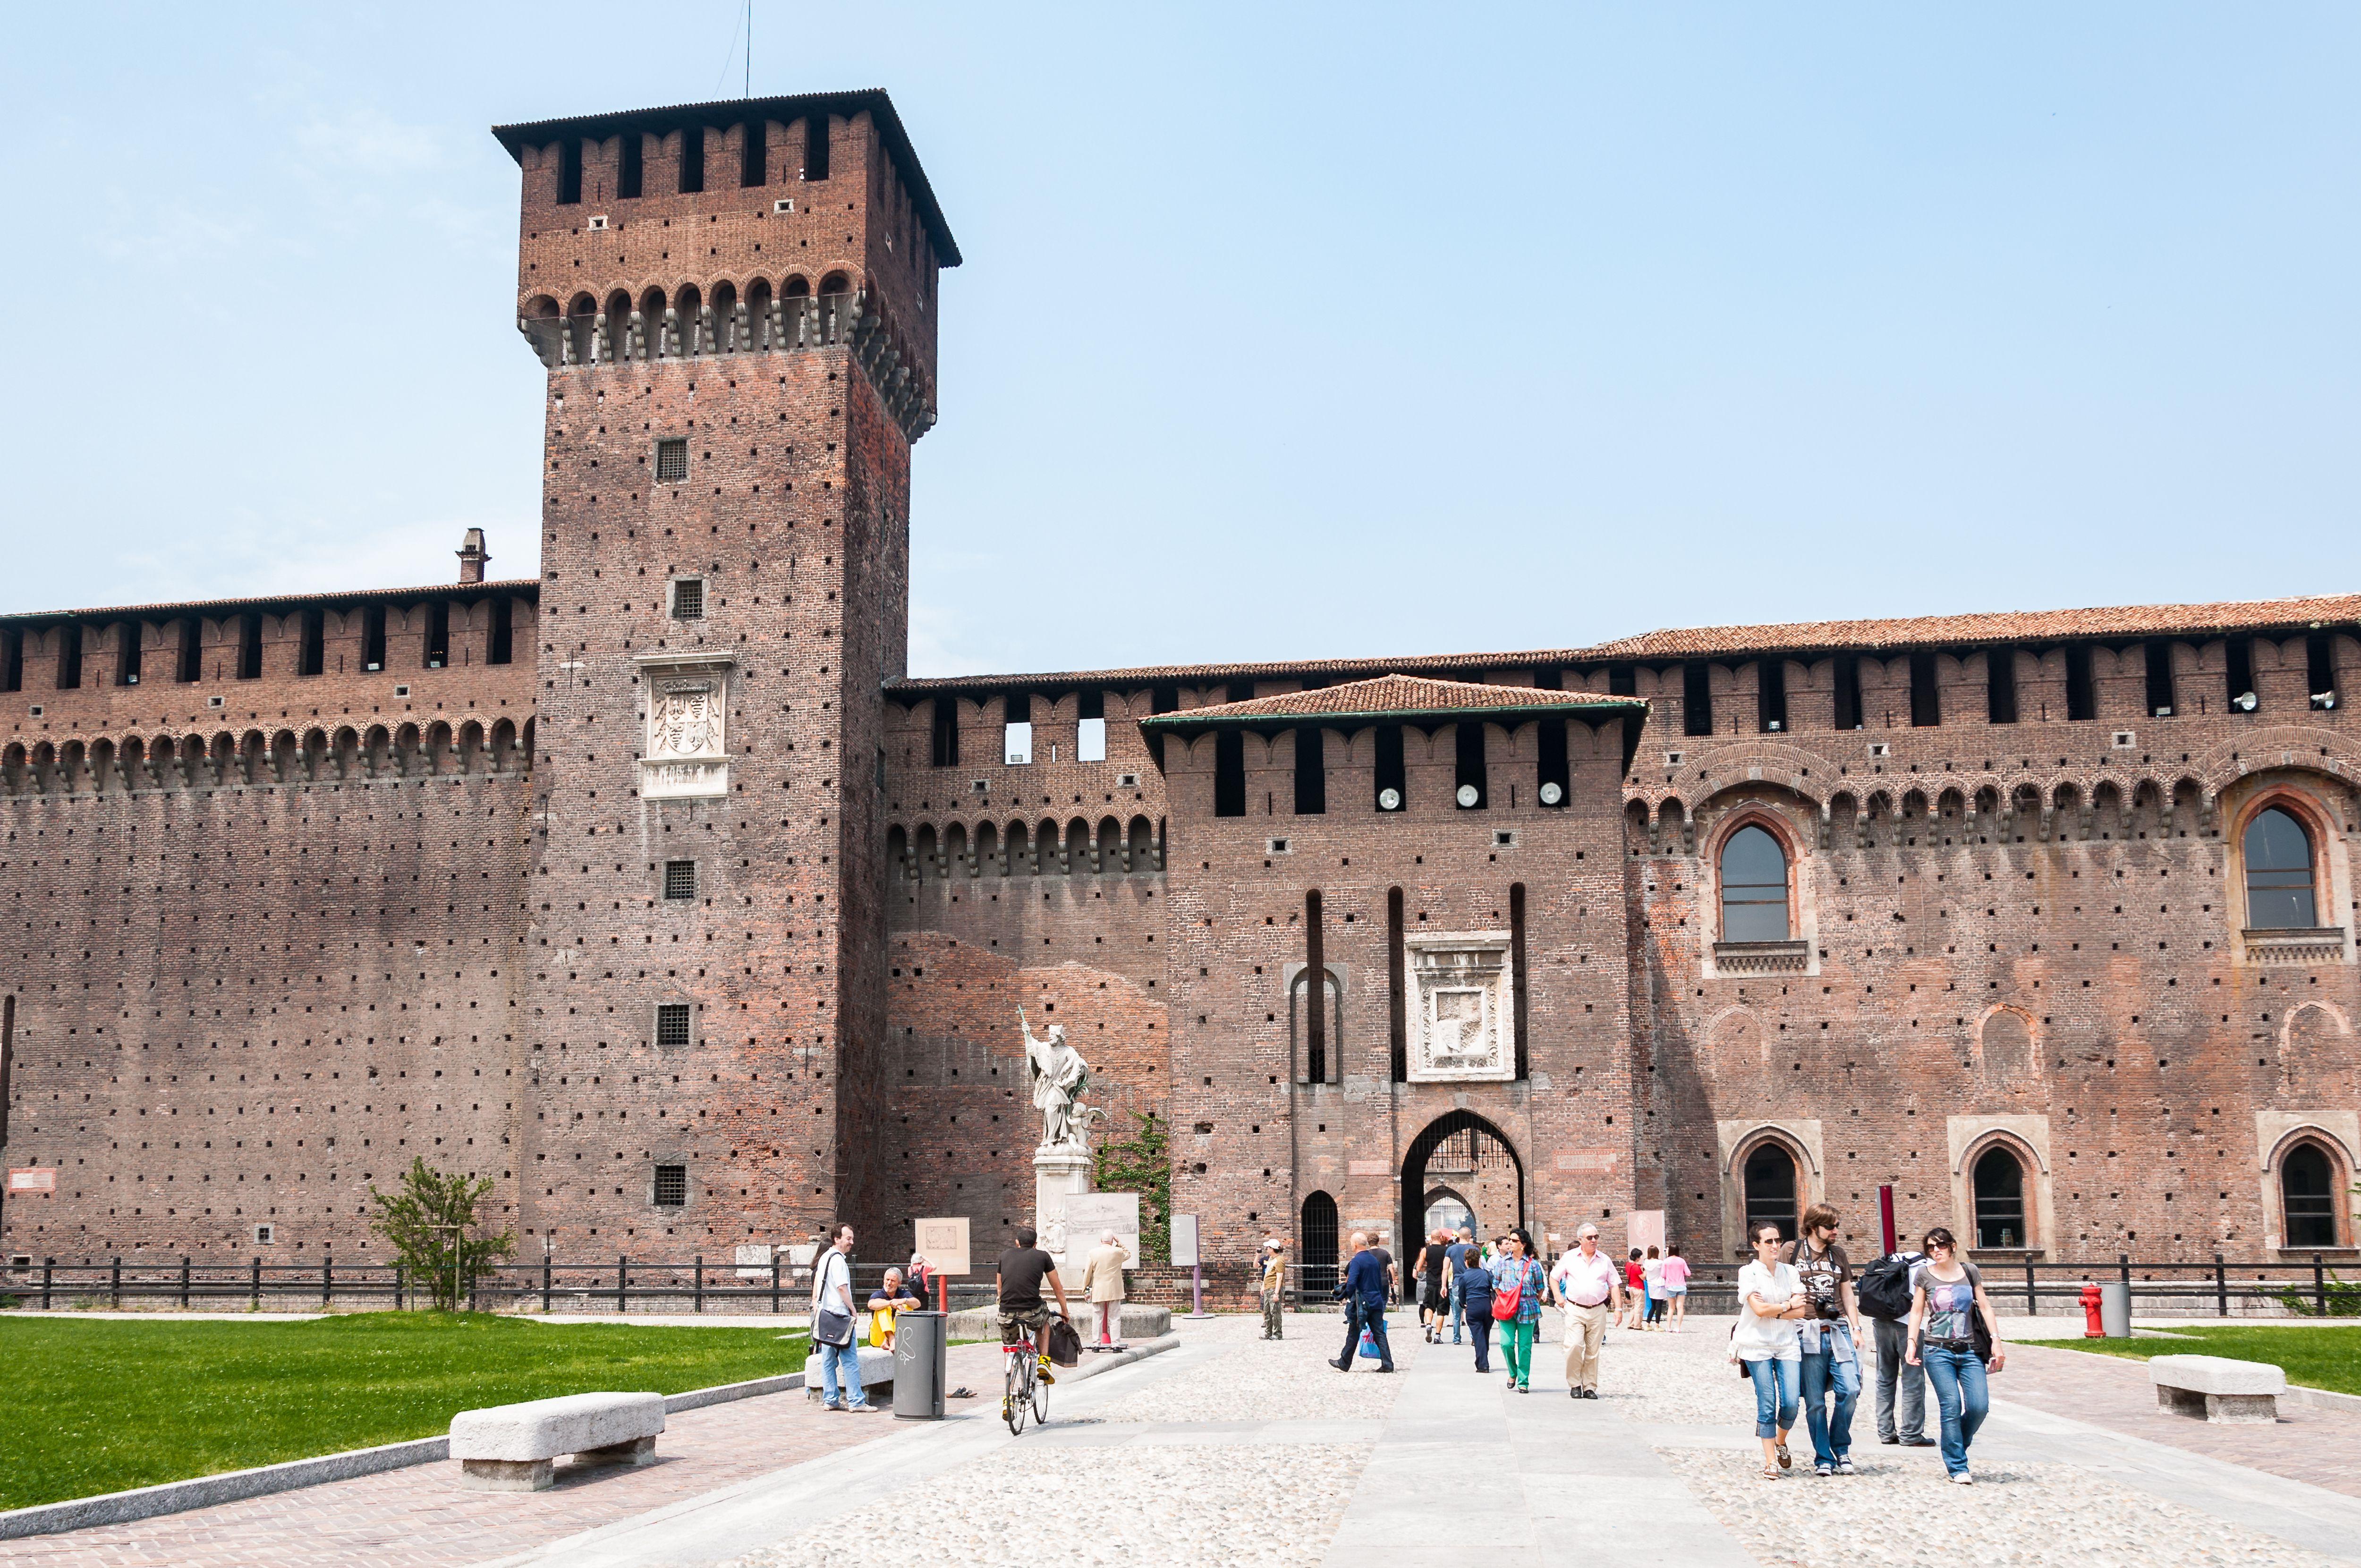 Castello Sforzesco with tourists